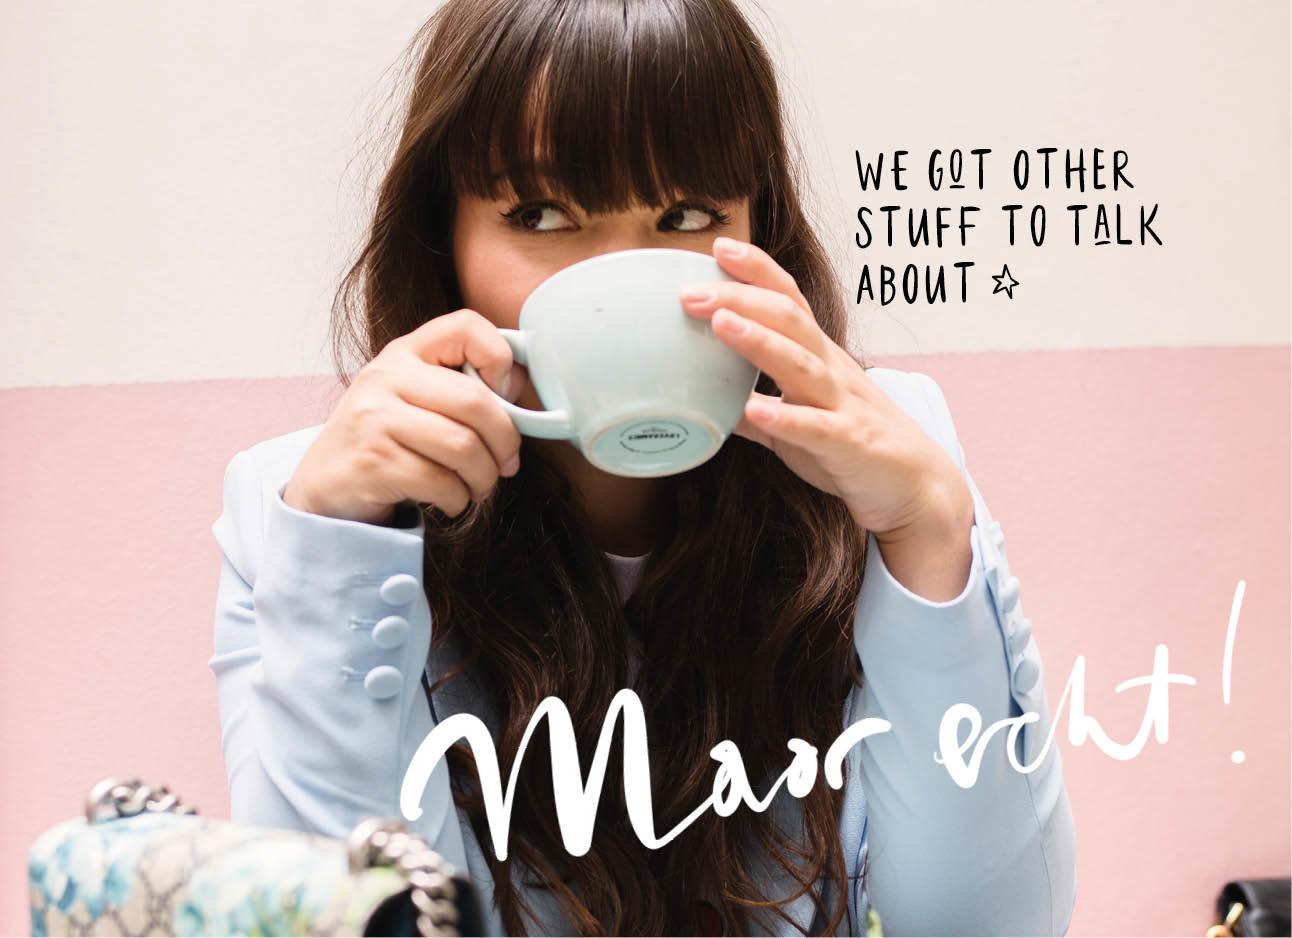 kiki lachend met een kop koffie in haar handen in parijs